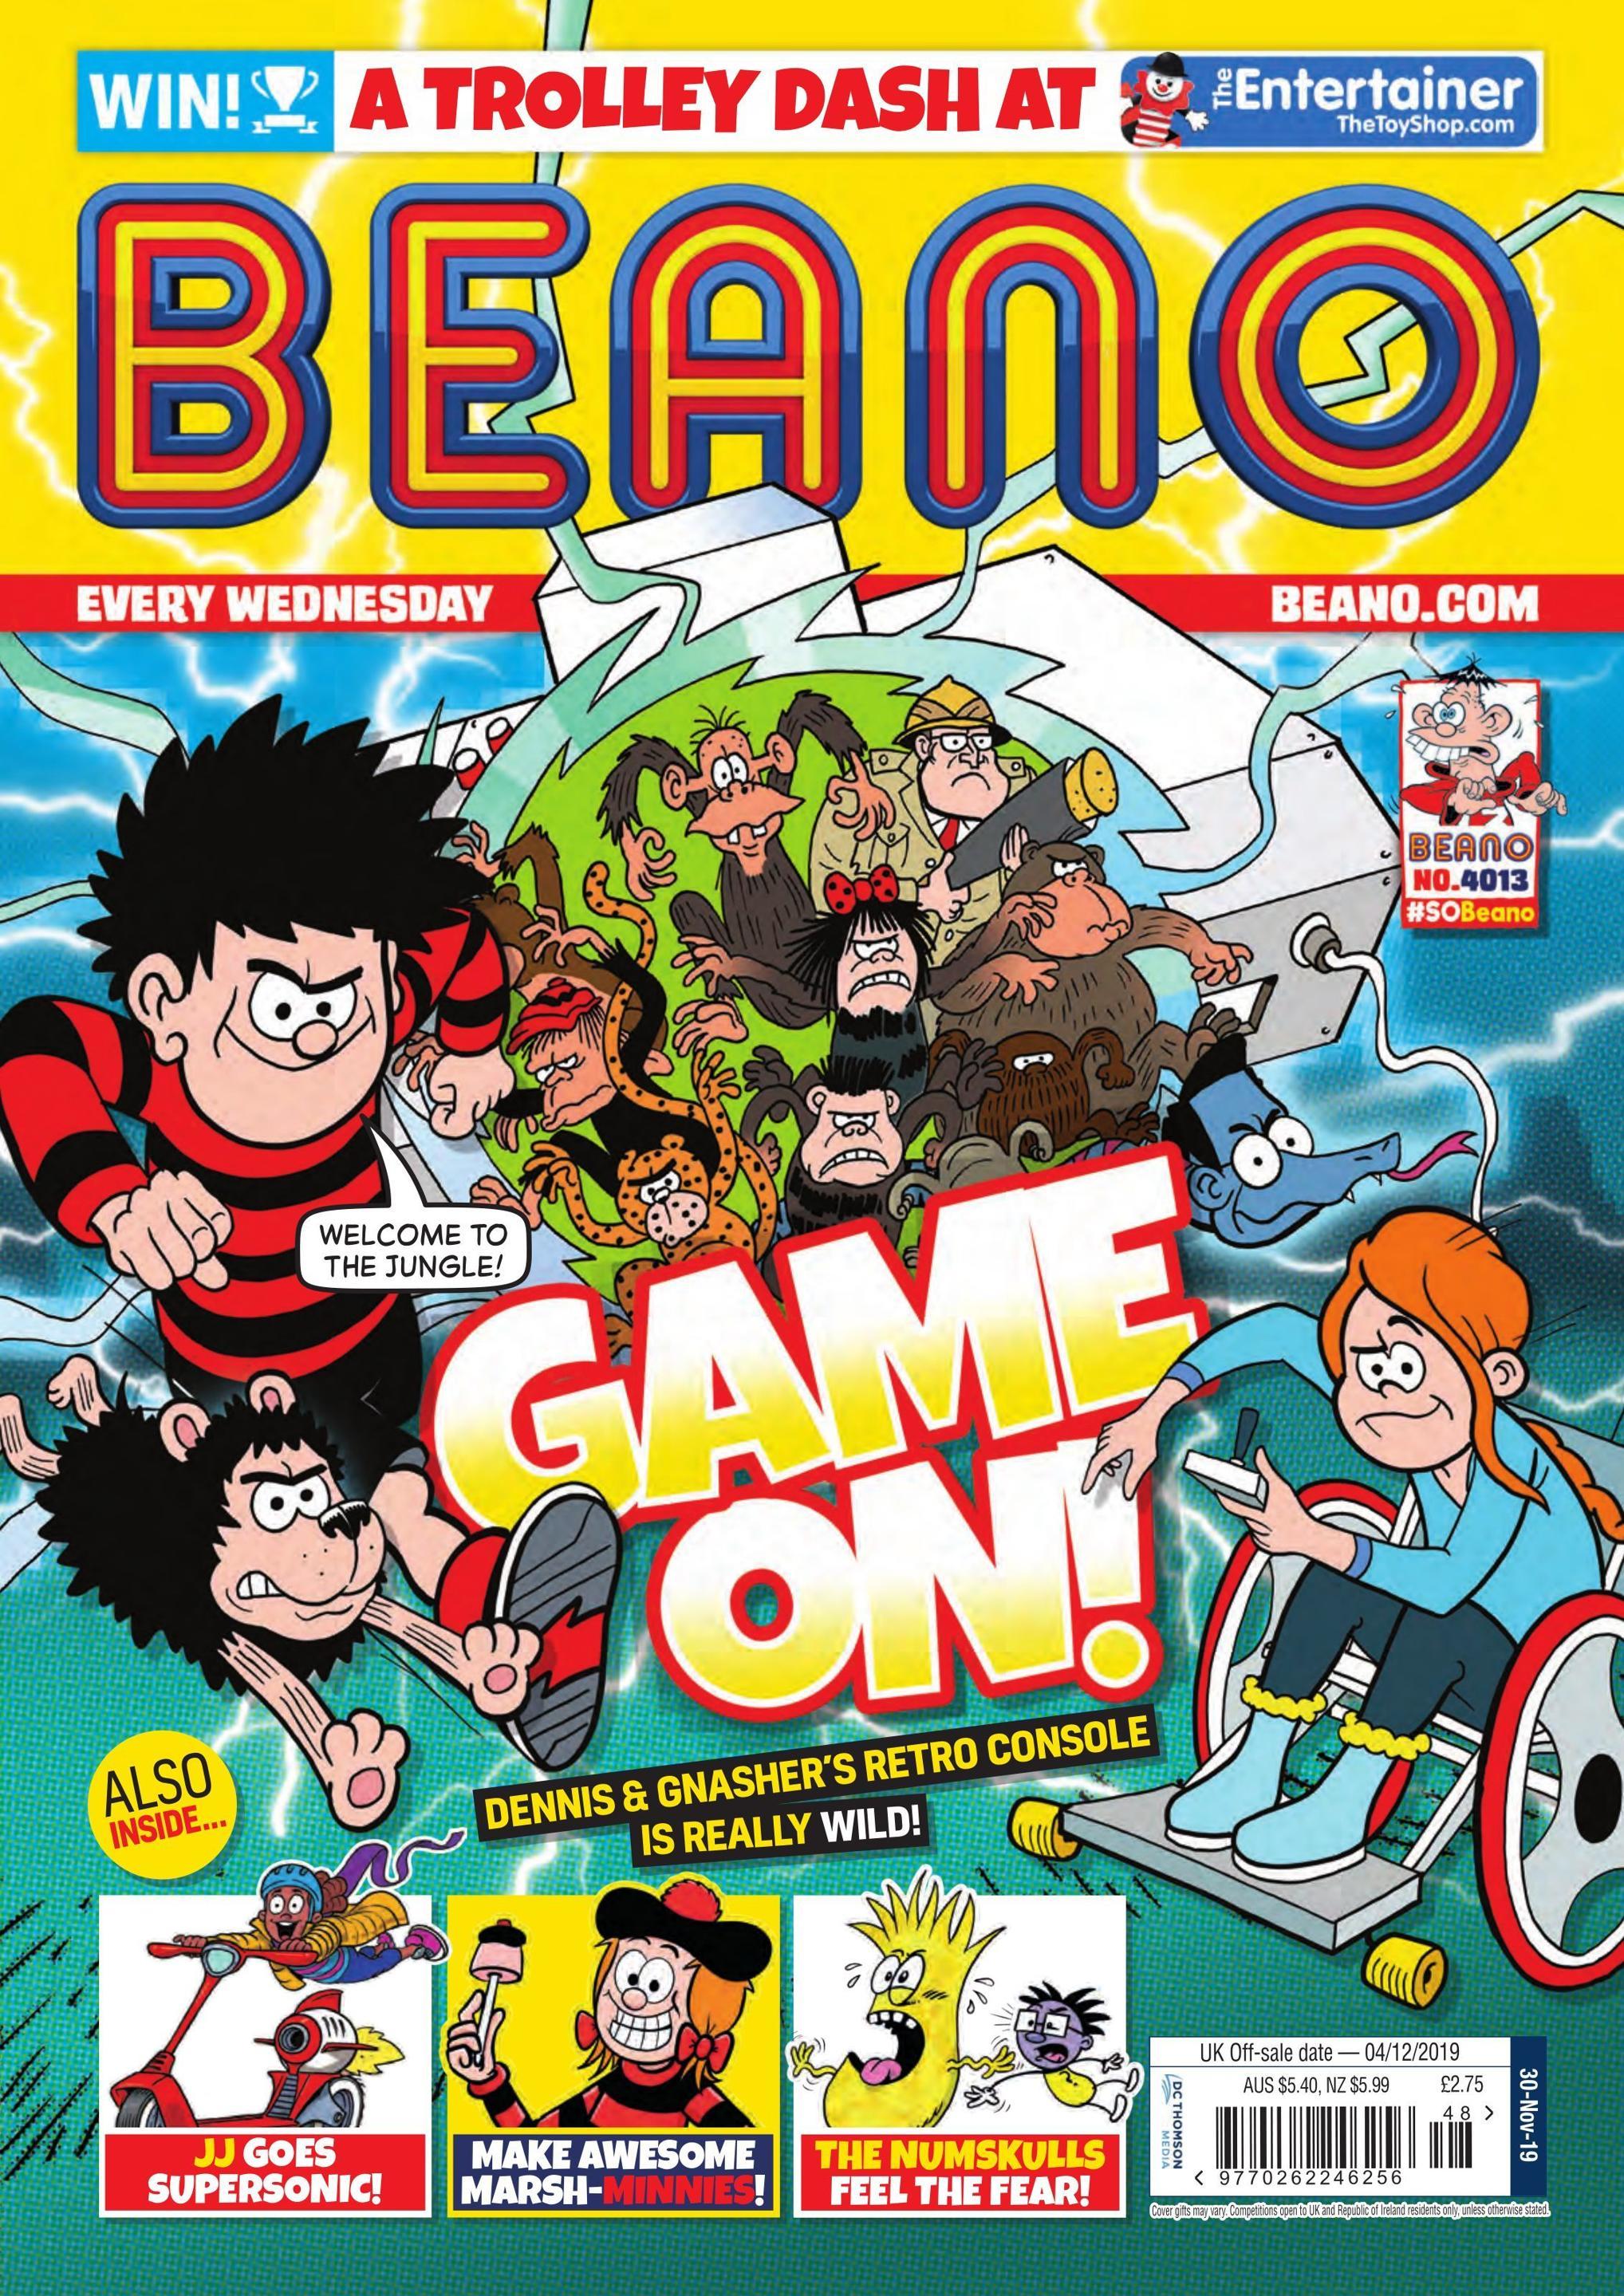 Beano – 27 November 2019 AvaxHome